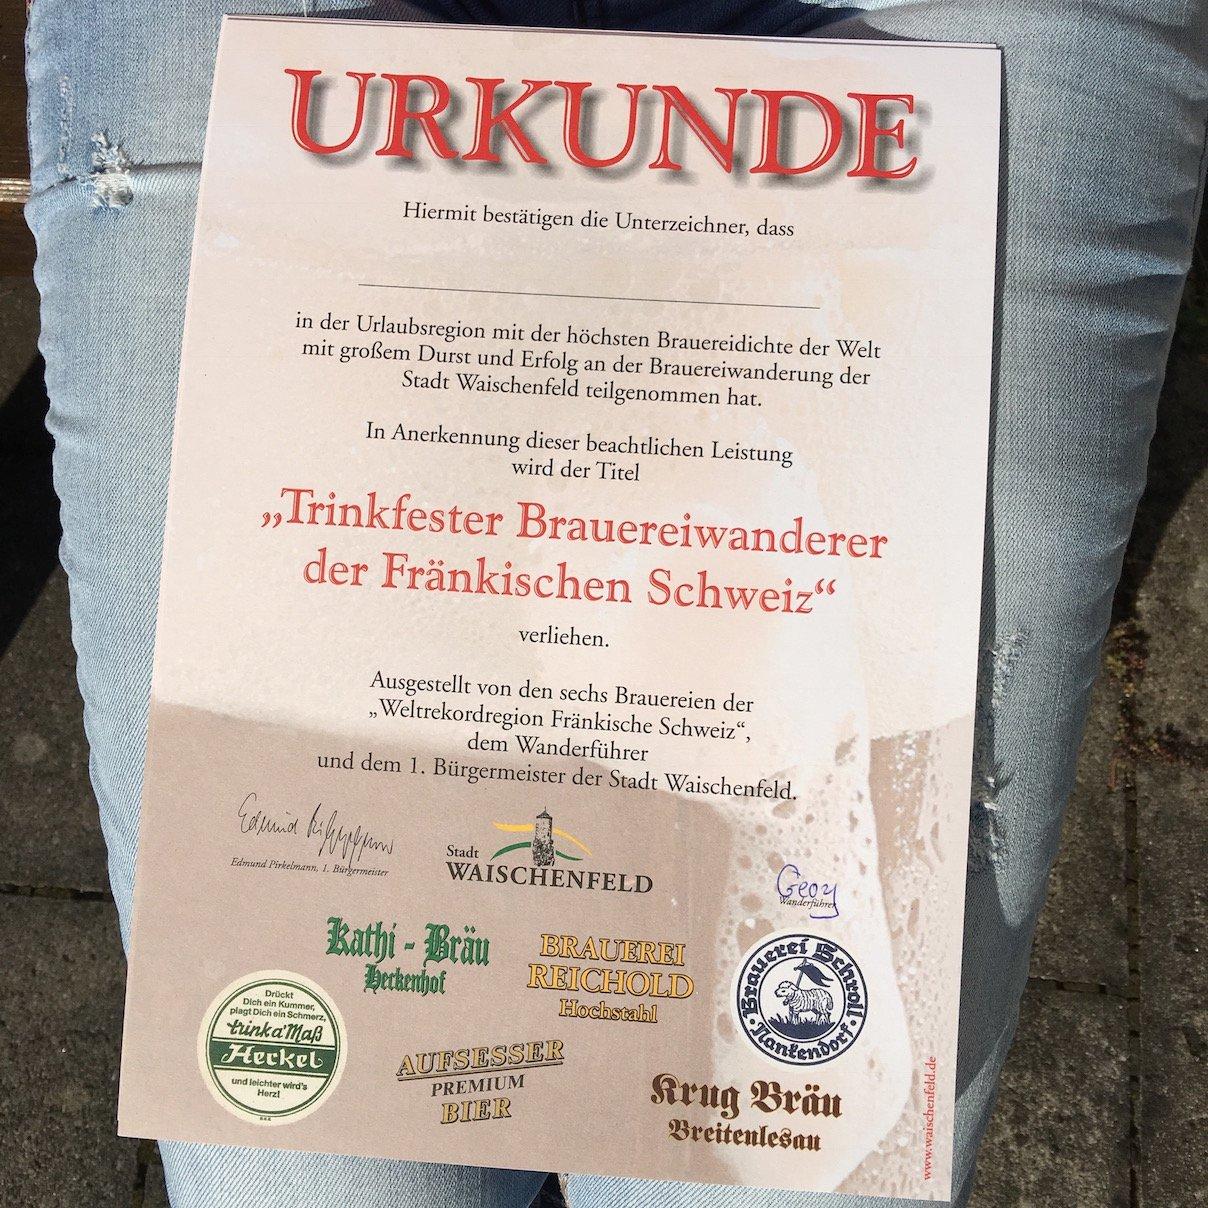 Unsere Urkunde nach 16 km und 6 Brauereien auf dem Brauereiwanderweg Waischenfeld - Aufseß in der Fränkischen Schweiz